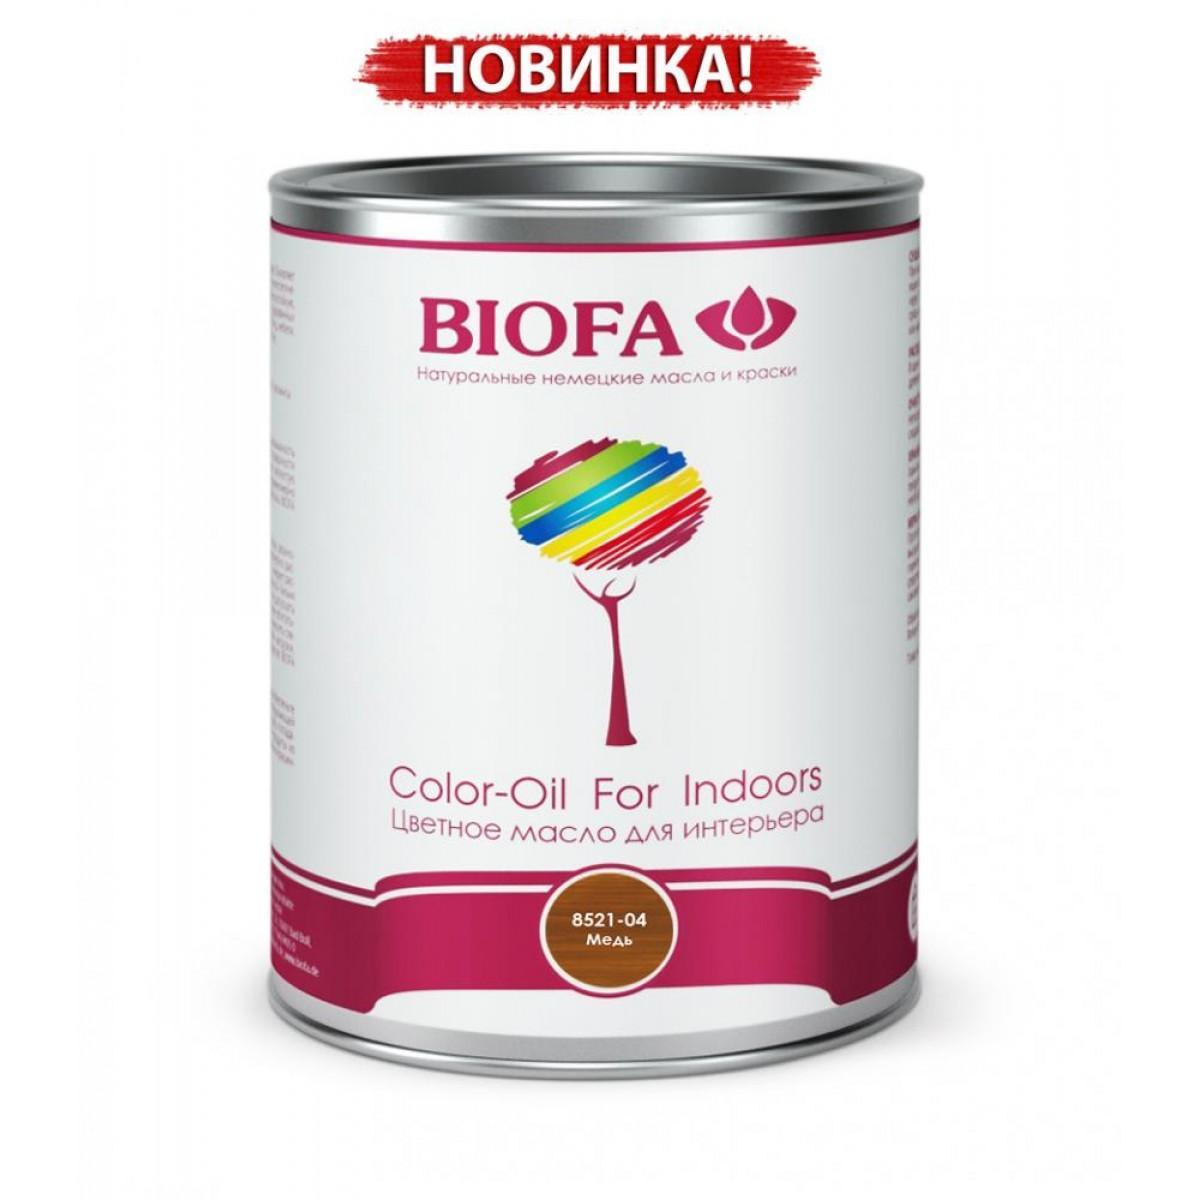 8521-04 Цветное масло для интерьера. Медь